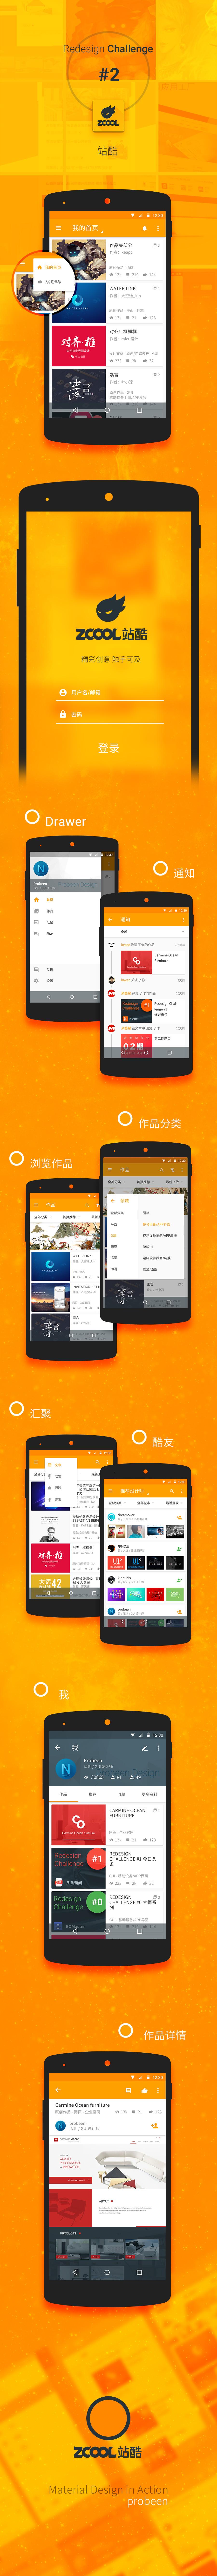 查看《Redesign Challenge #2 站酷 Android App 重设计》原图,原图尺寸:900x10686